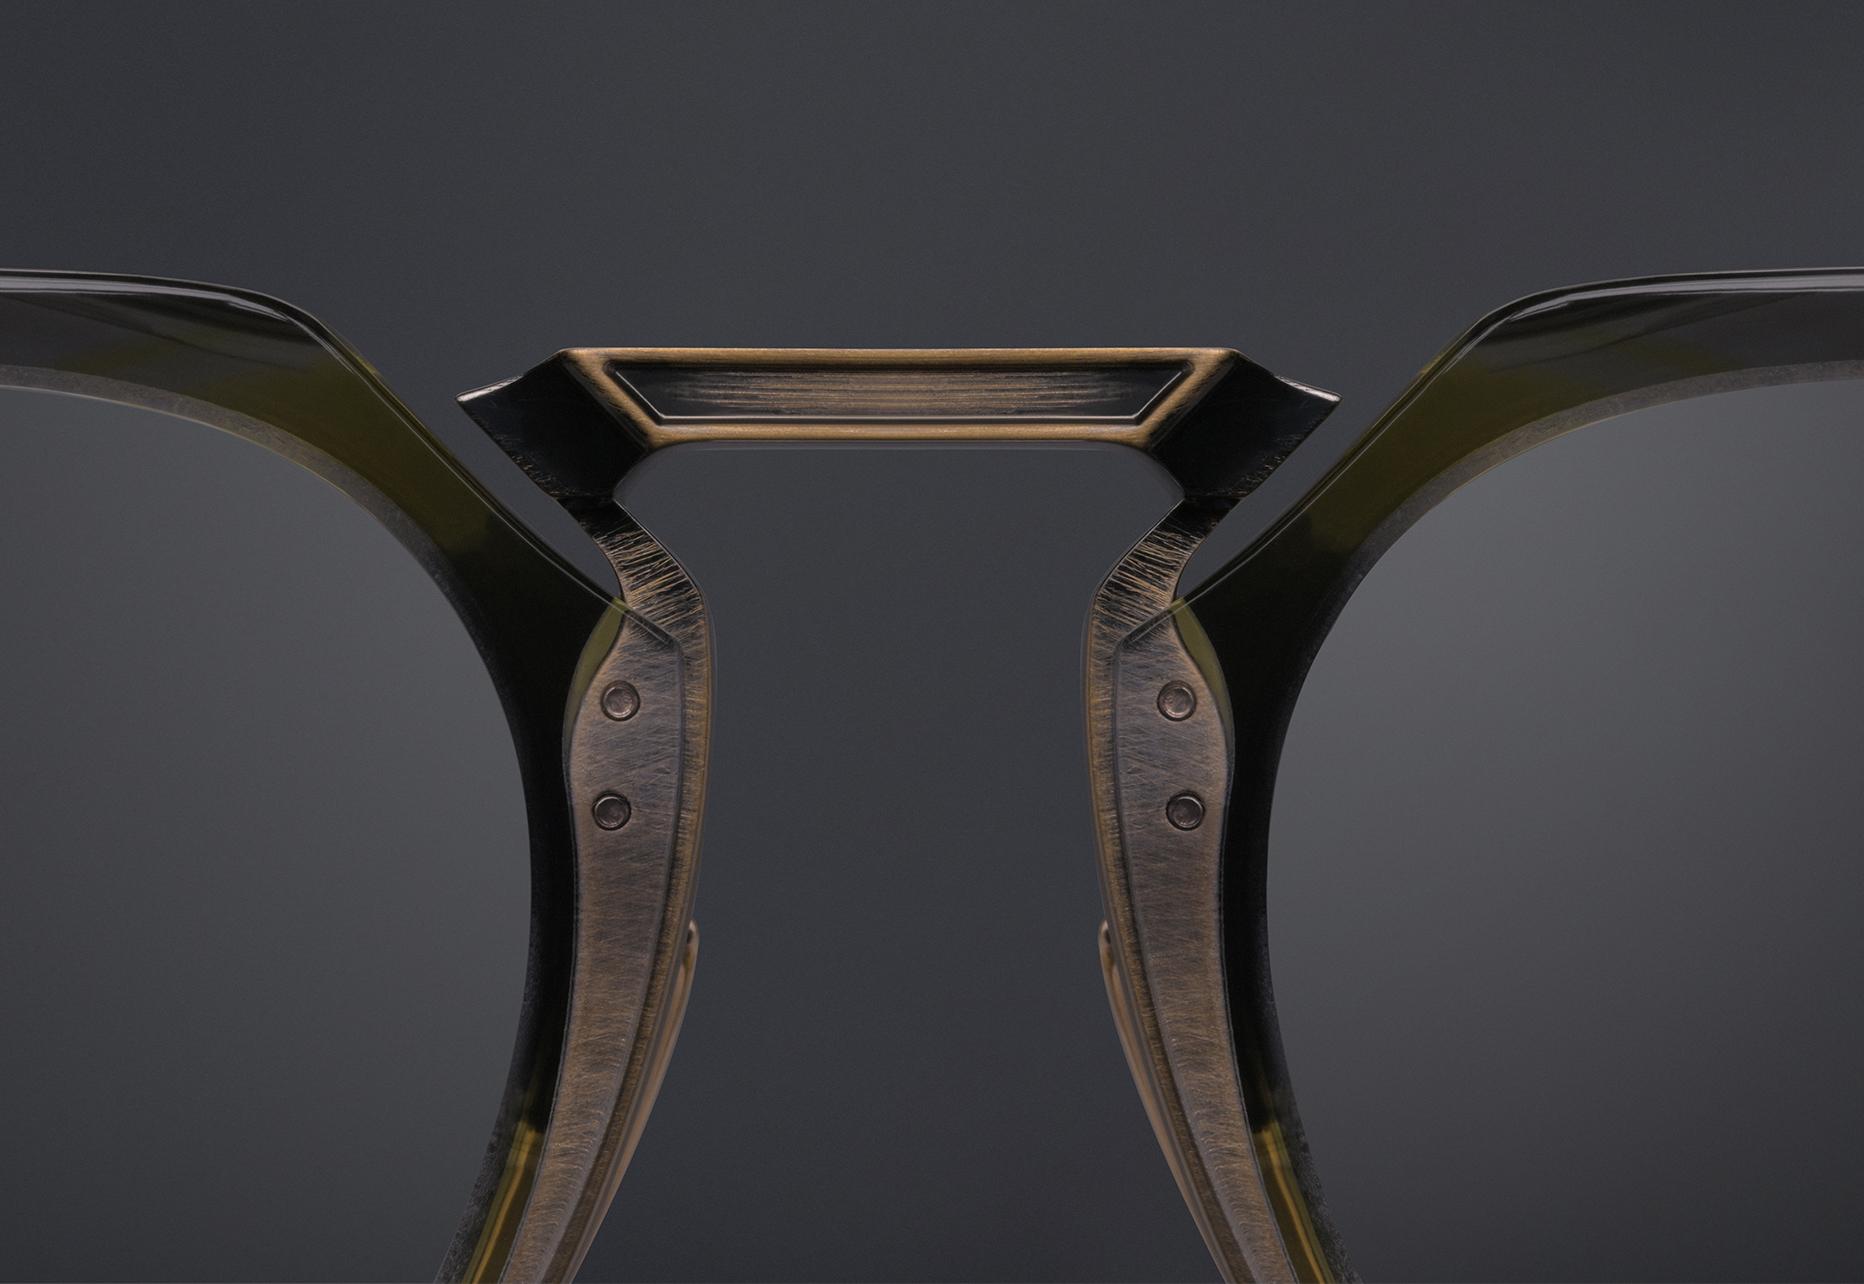 DITA AEGEUS Titanium bridge inlay with nylor detail and pressed recess